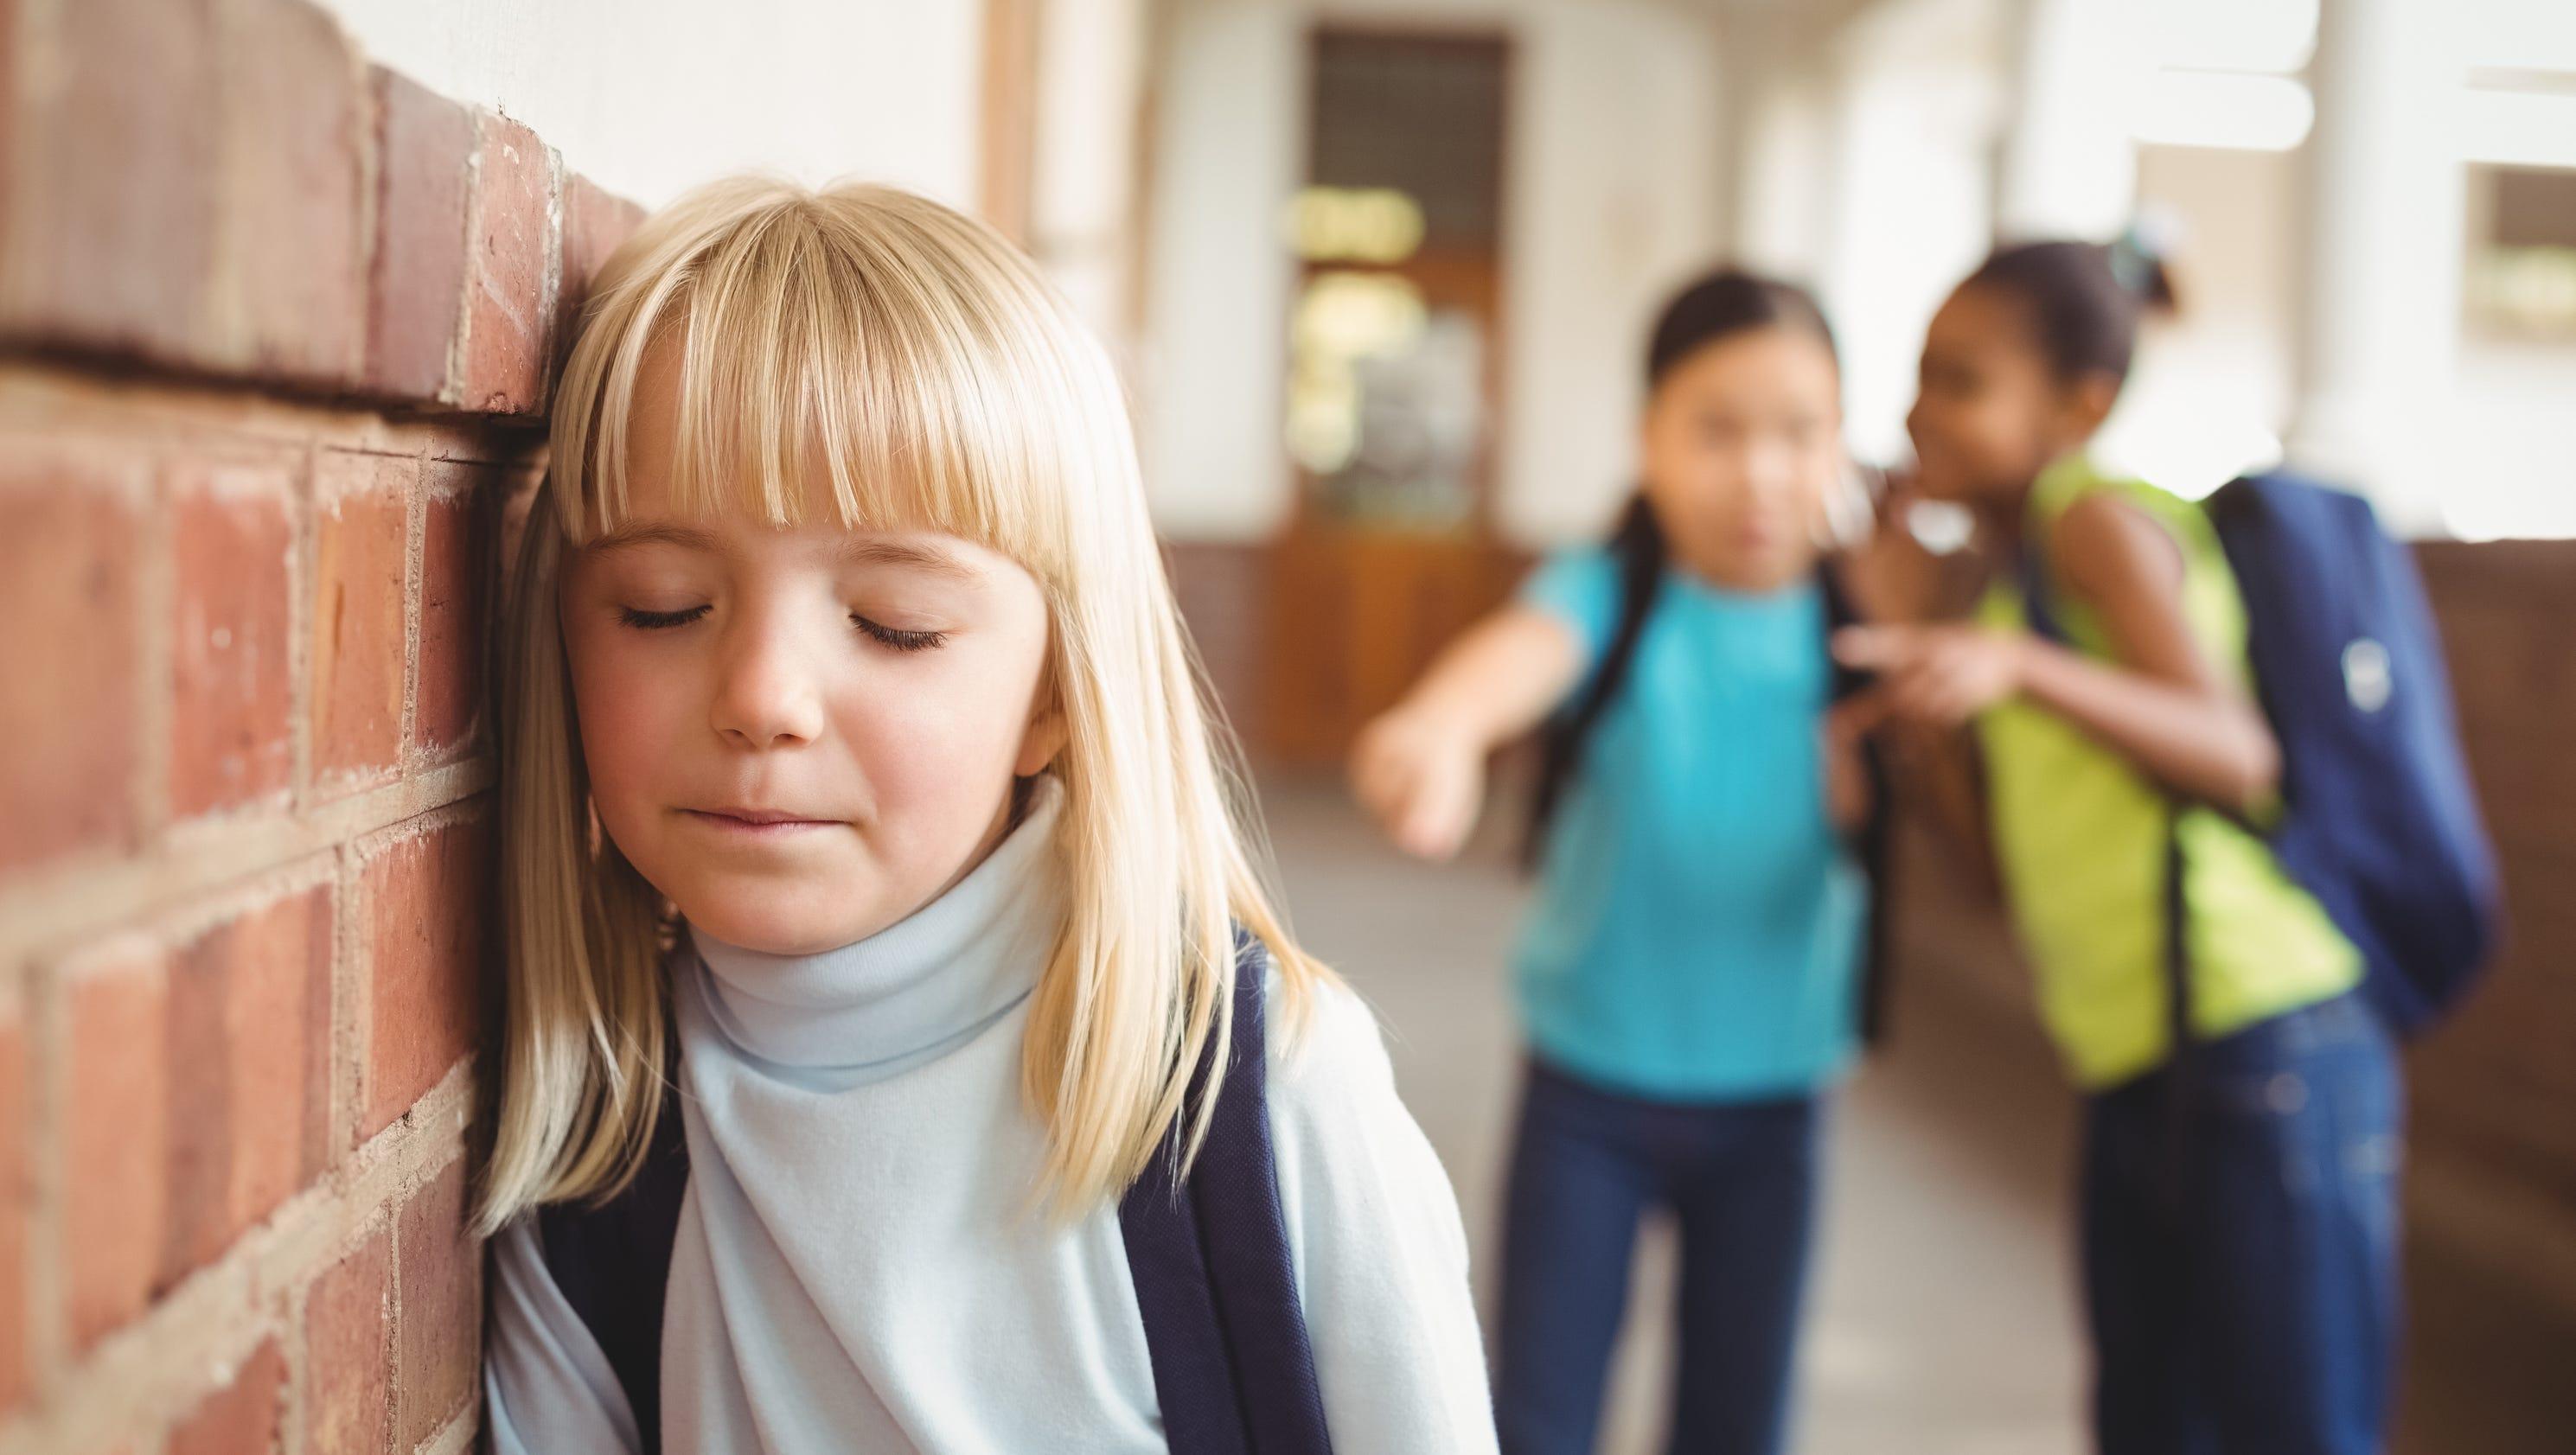 Дети плачут в школе фото